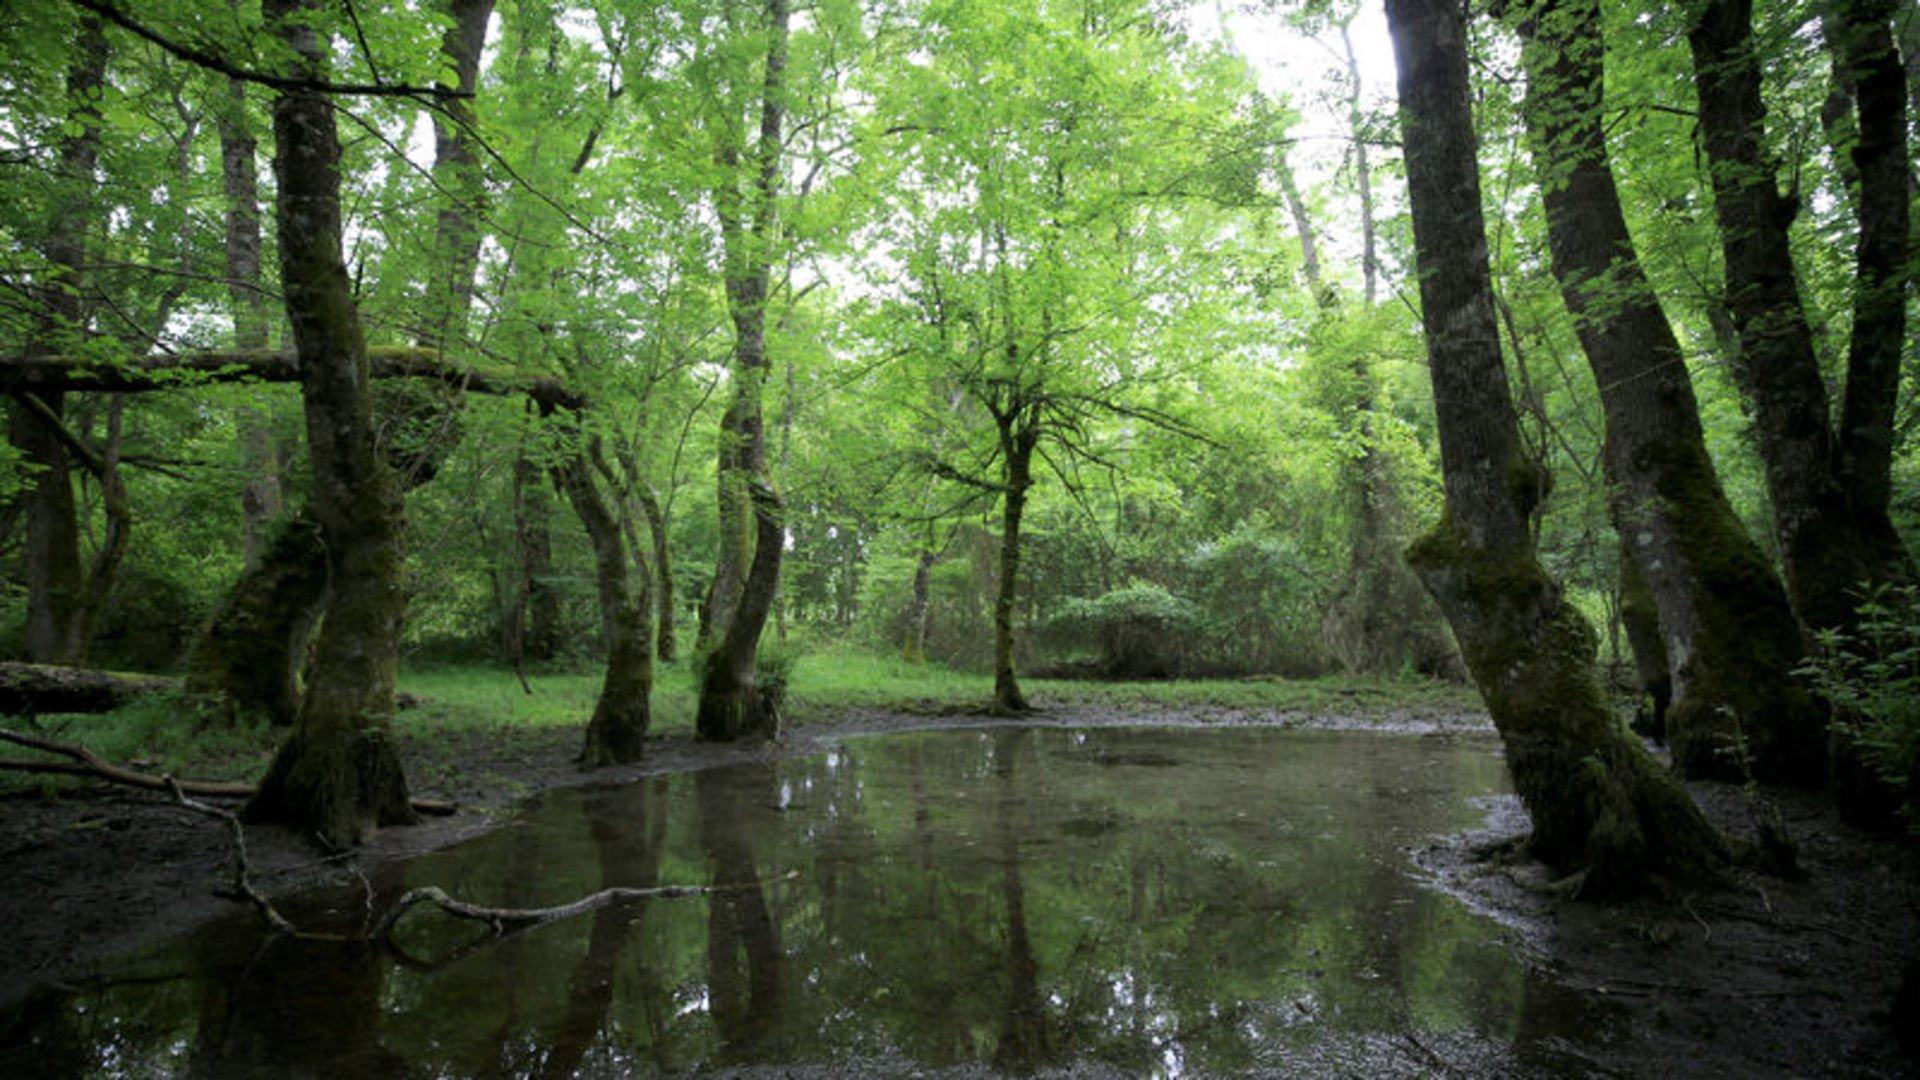 Doğal çevreyi korumak için neler yapılmalı?